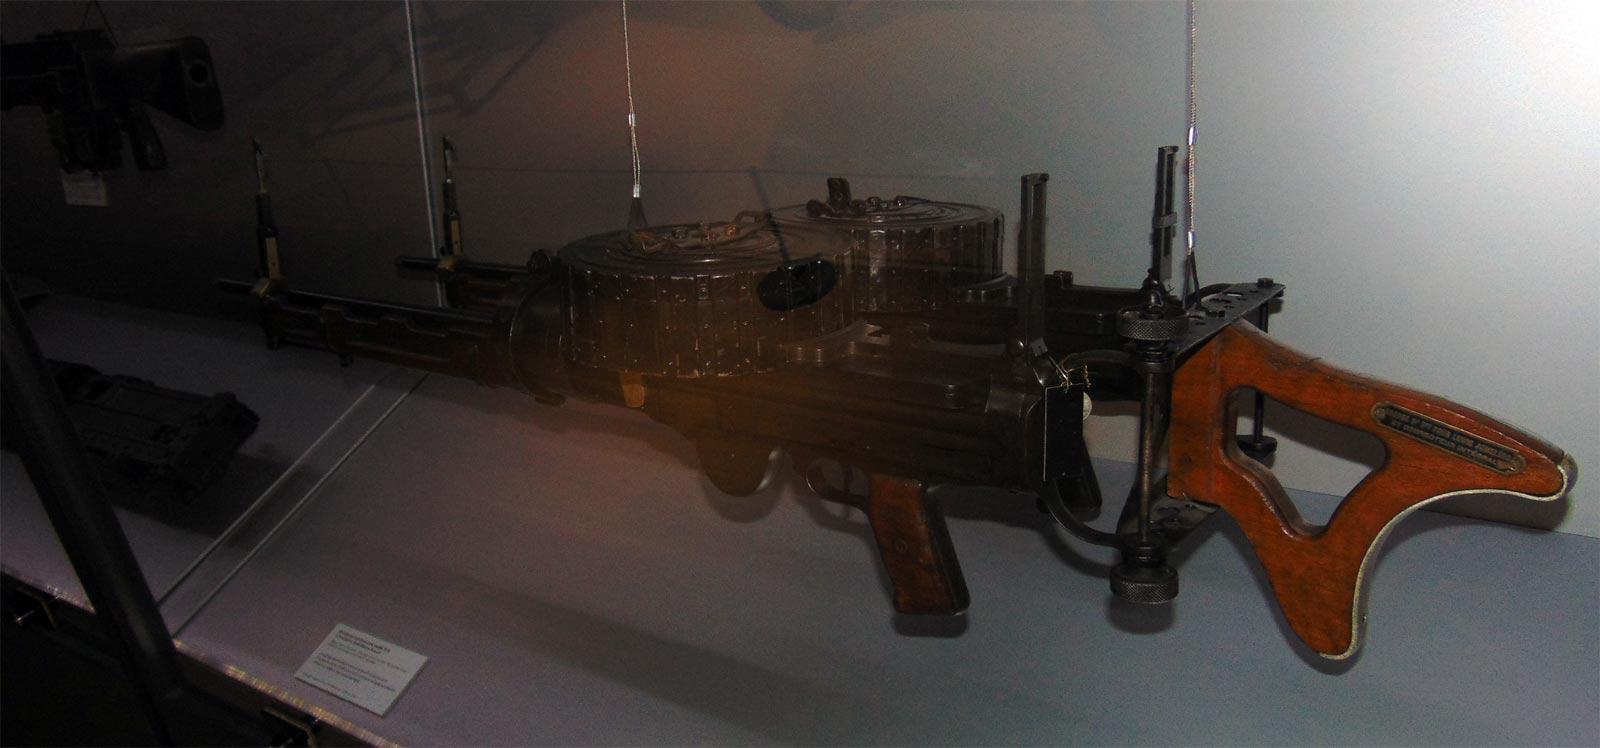 вооружение самолетов в первую мировую войну, музей в ле Бурже